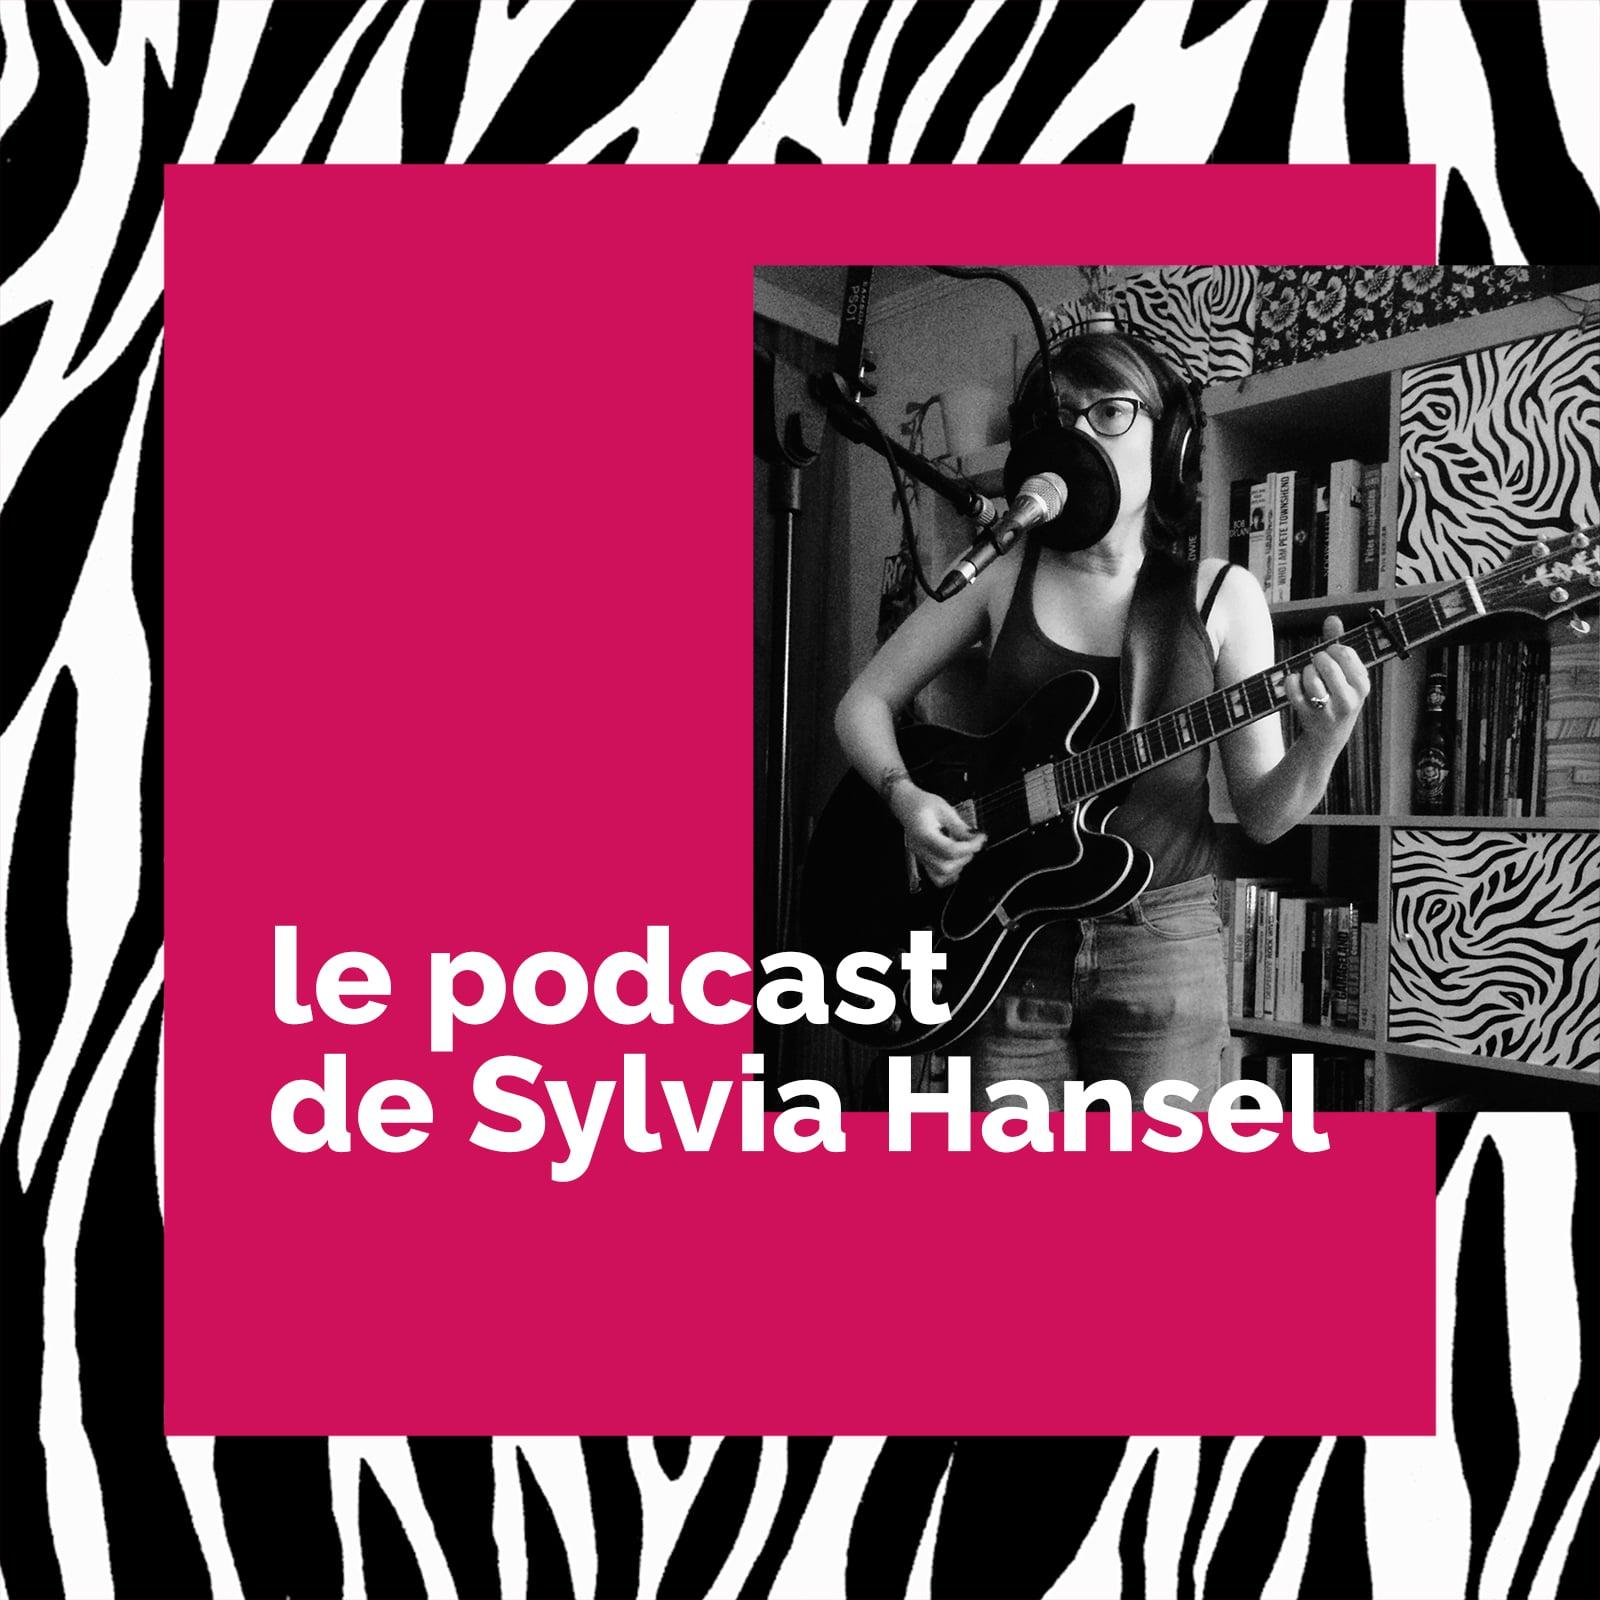 Le Podcast de Sylvia Hansel